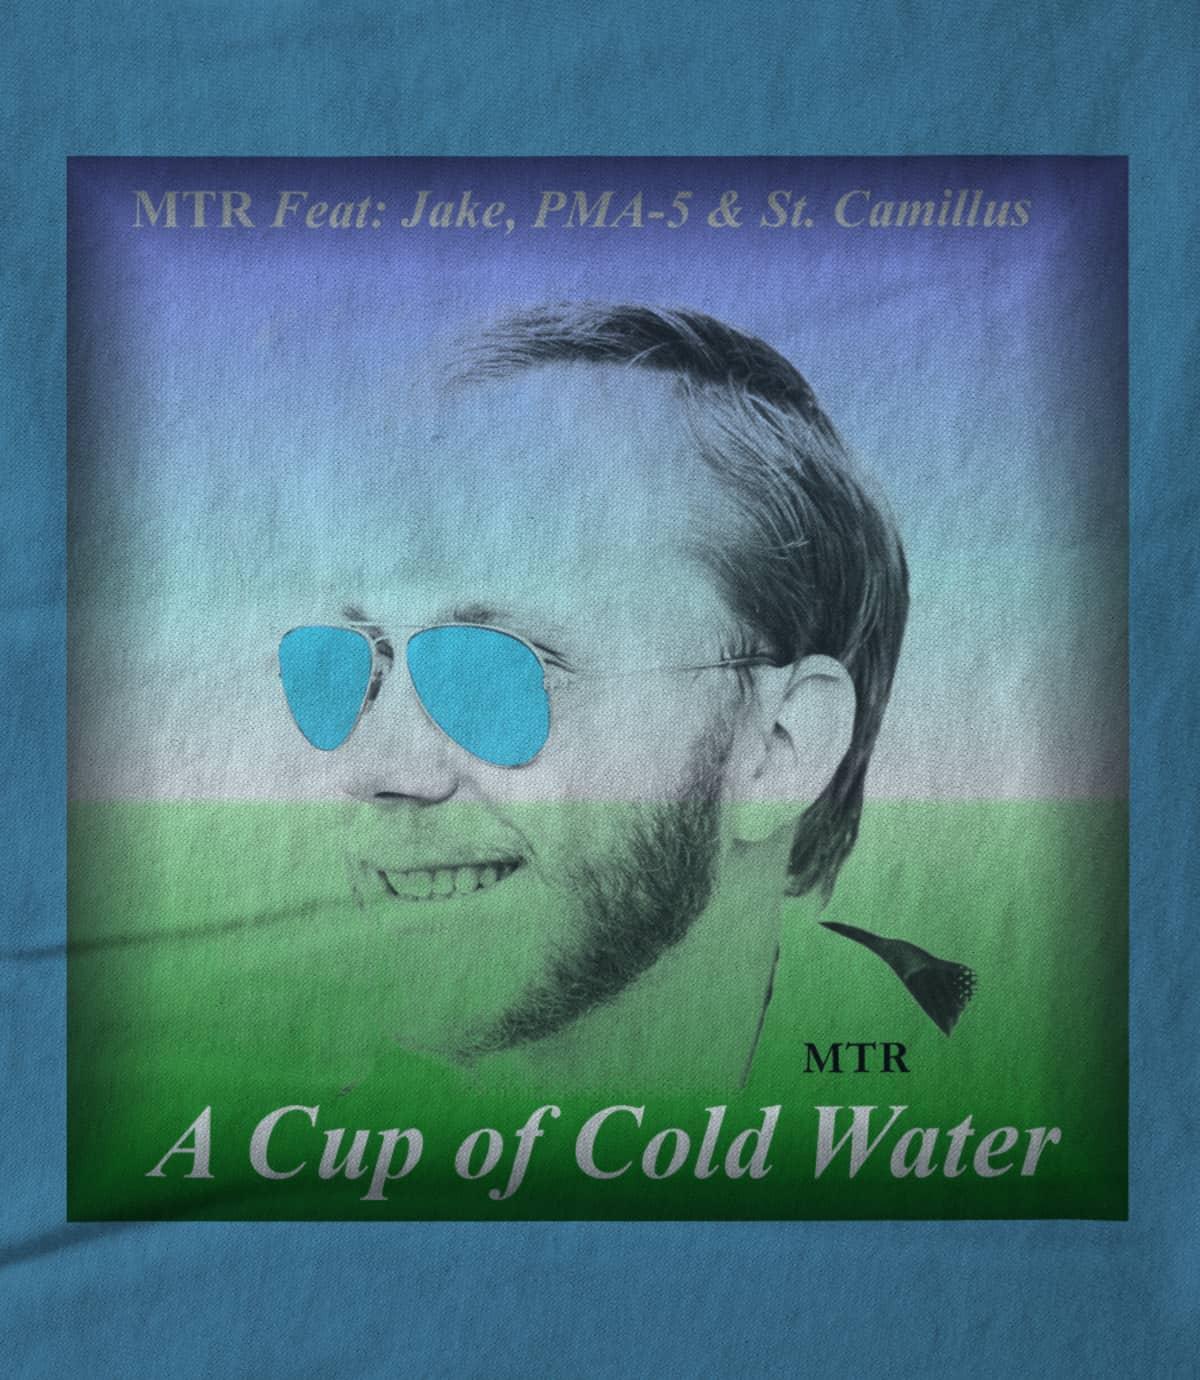 Michael resch  a cup of cold water  3d album art 1607884390